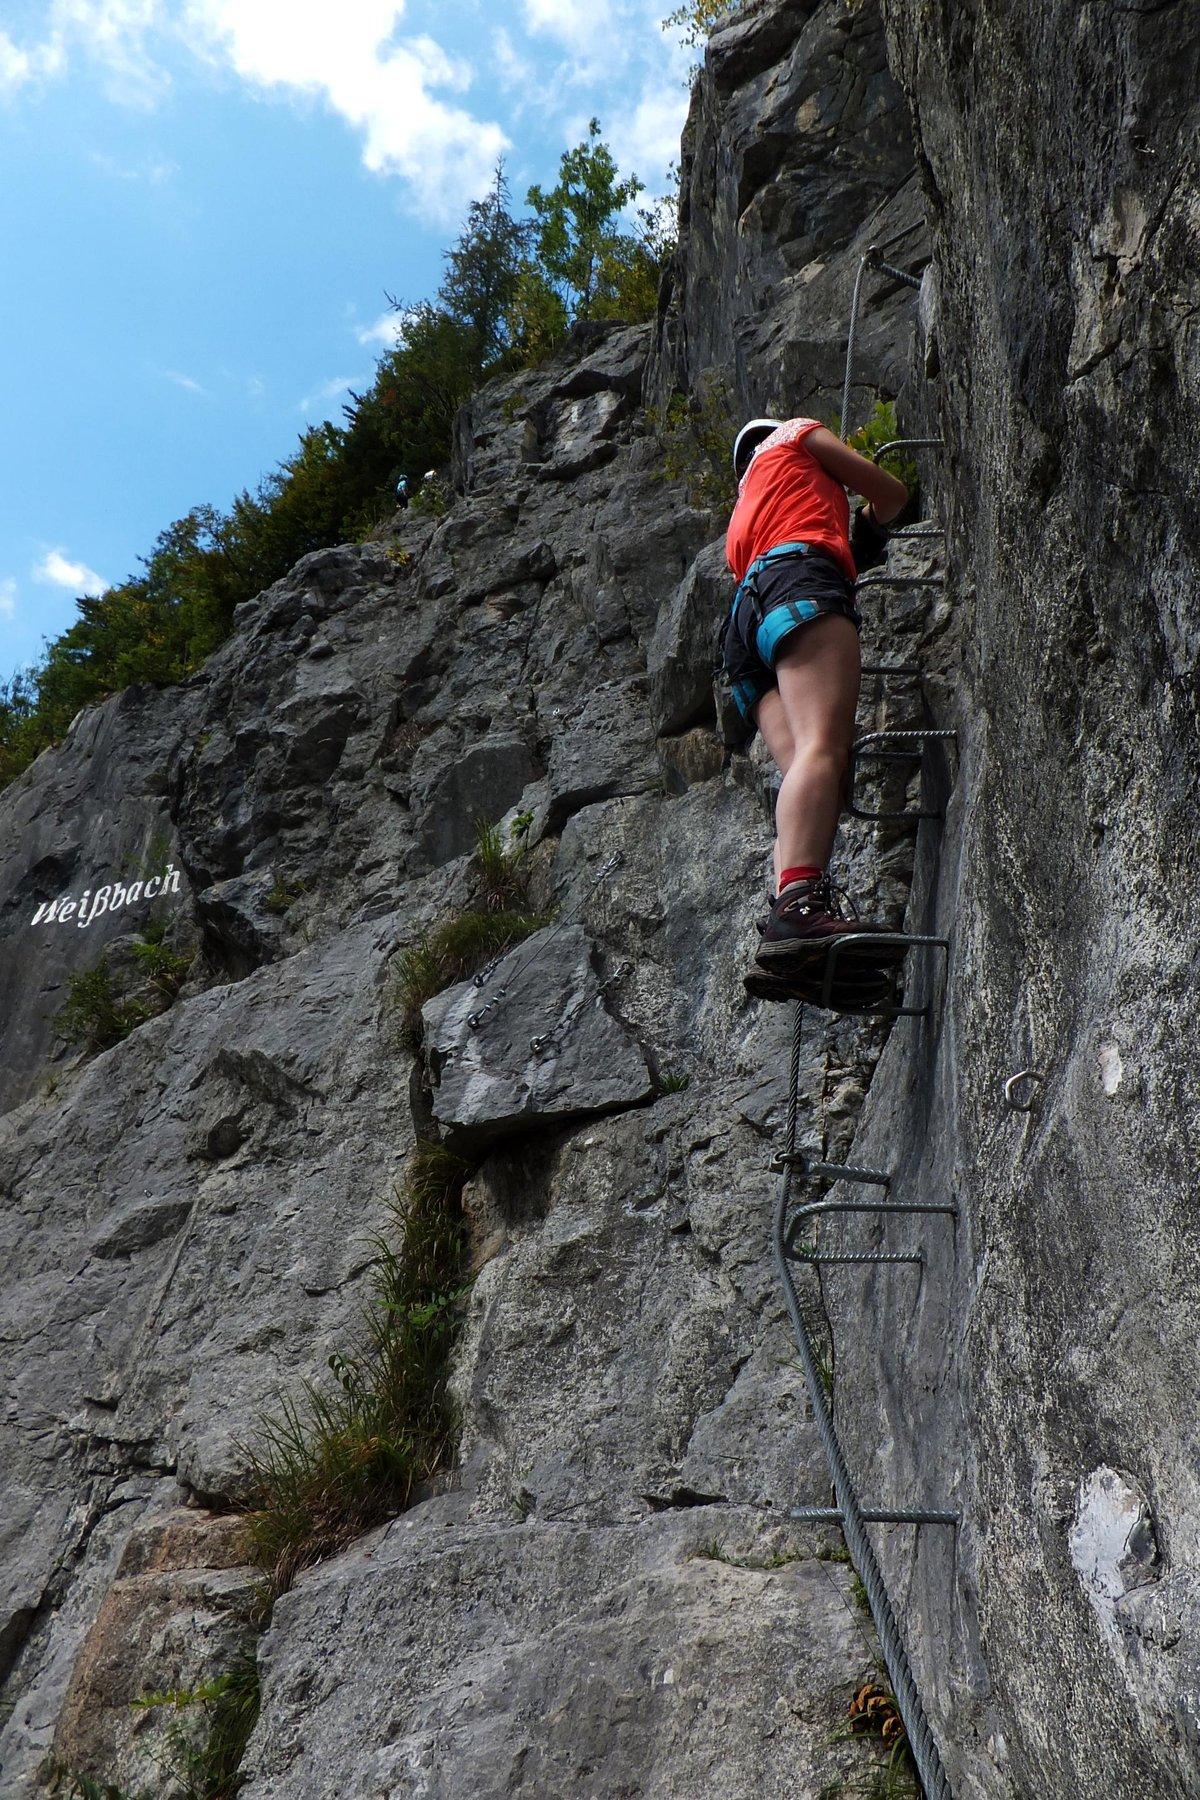 klettersteig, via ferrata in Weißbach, Austrian Alps, Salzburg region